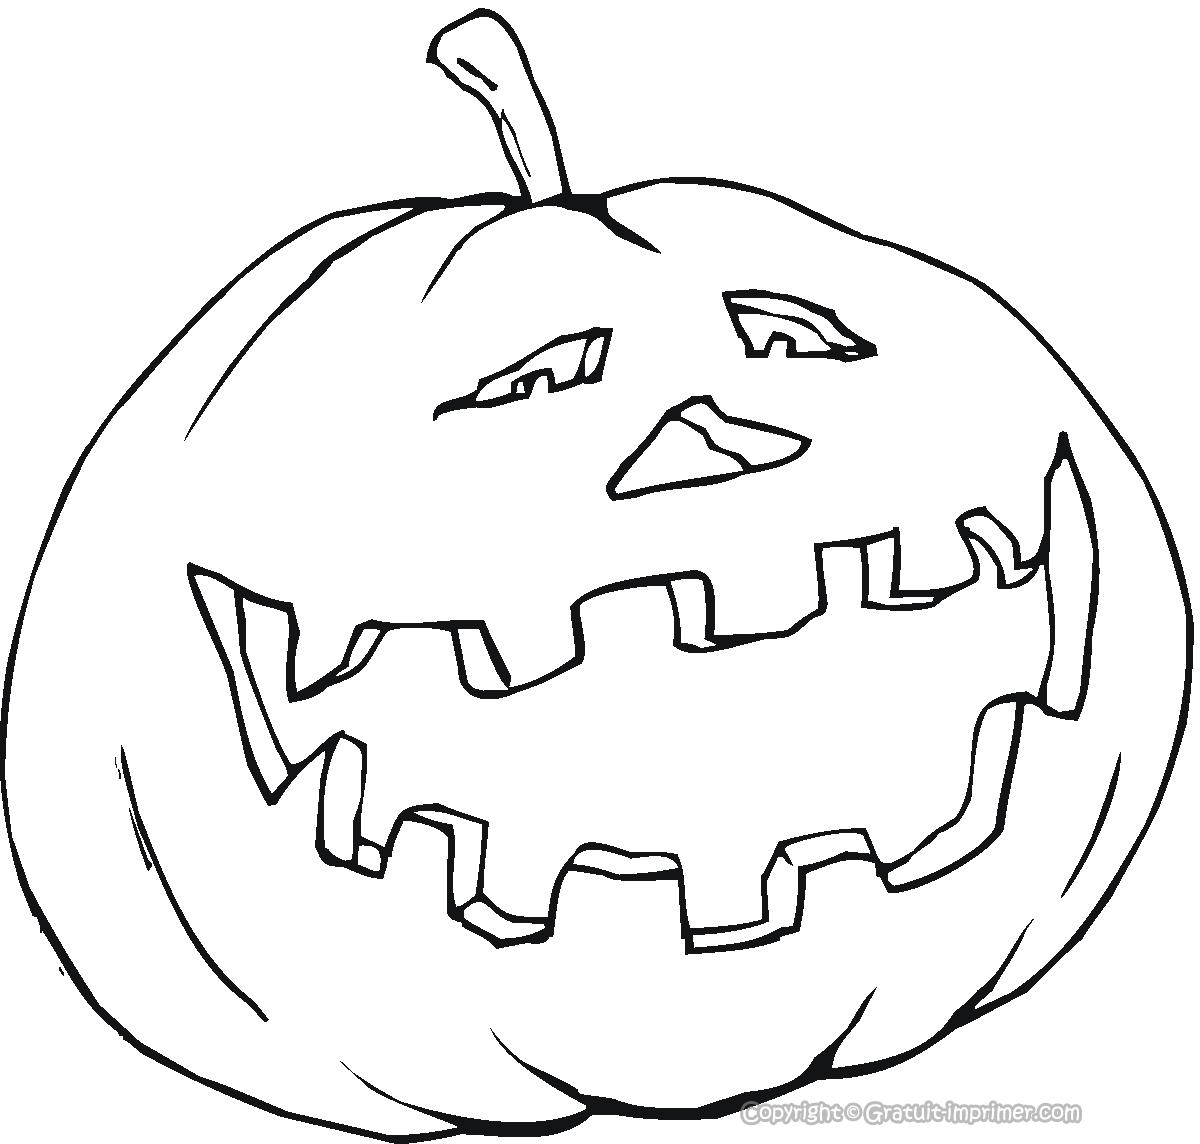 94 dessins de coloriage halloween citrouille imprimer - Citrouille coloriage ...